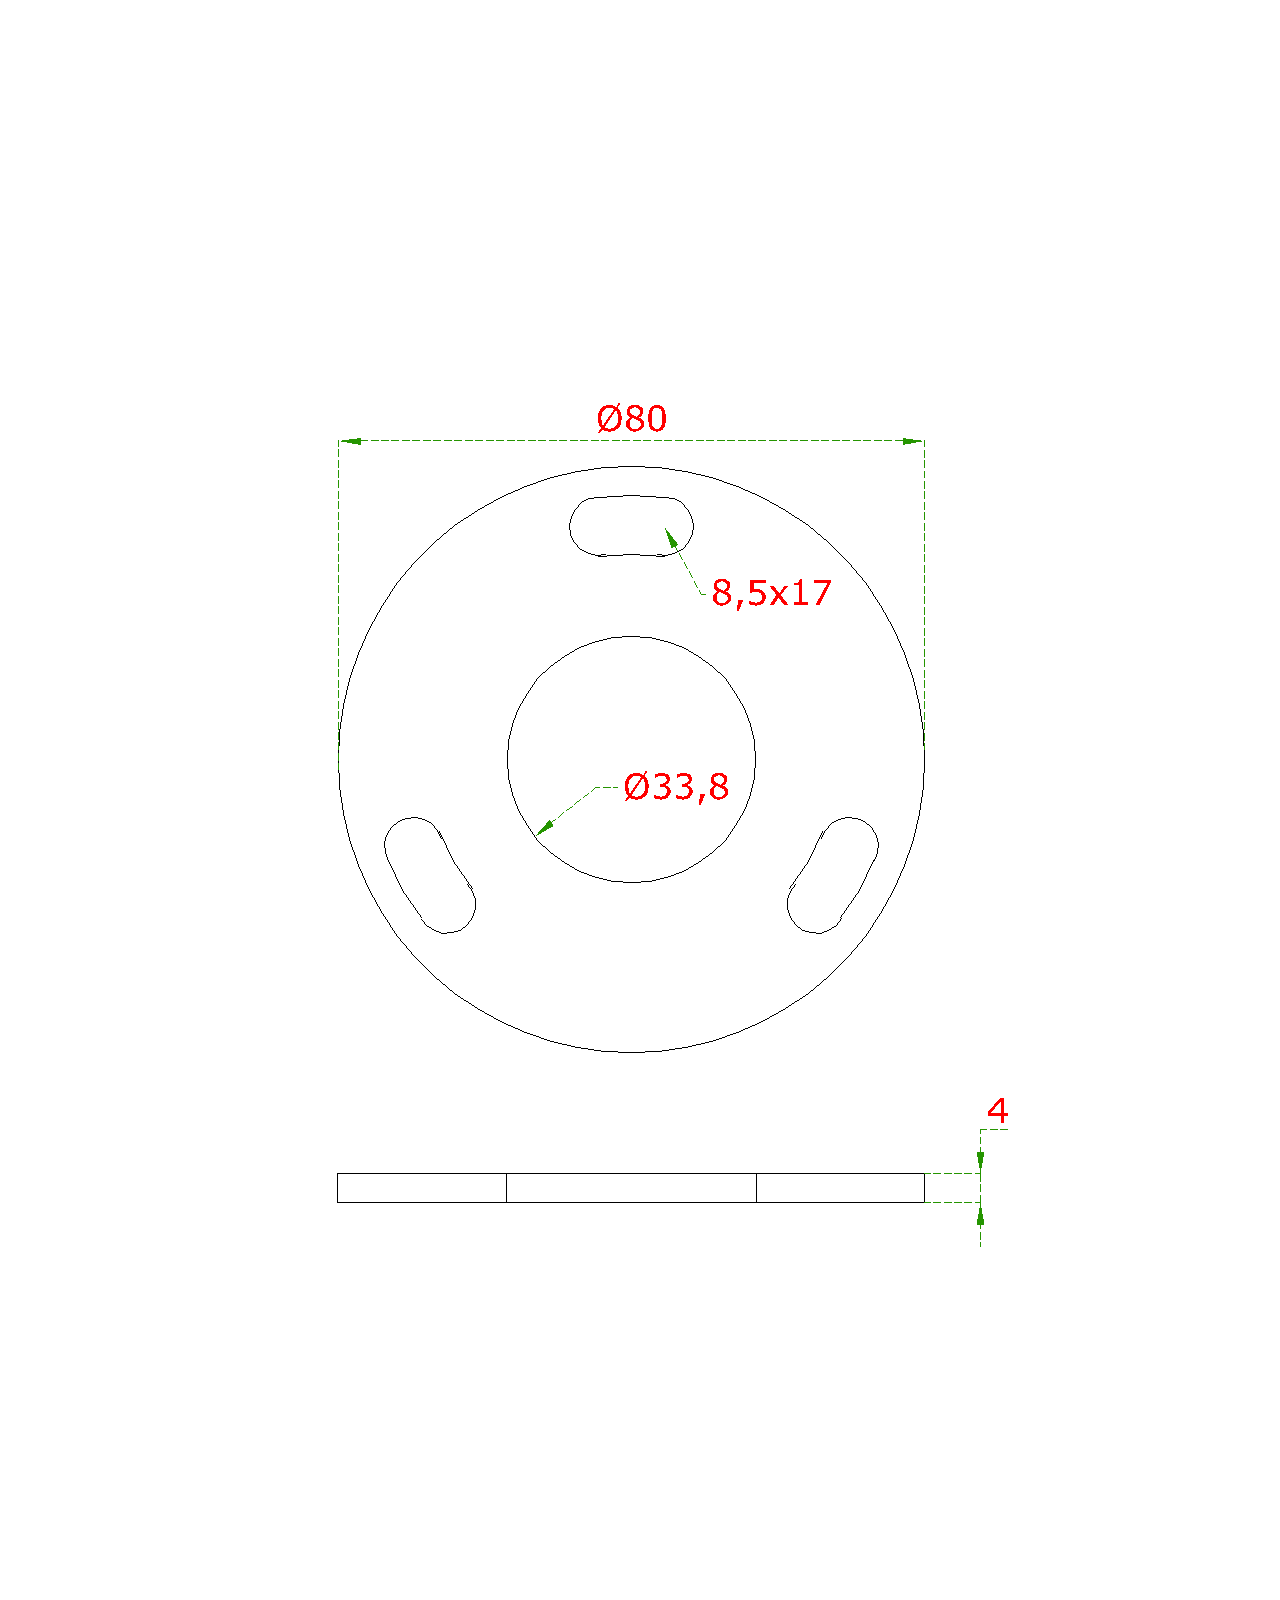 Kotvící plotna (ø 80mm) na trubku ø 33.7mm (otvor ø33.8mm), bez povrchové úpravy /AISI304